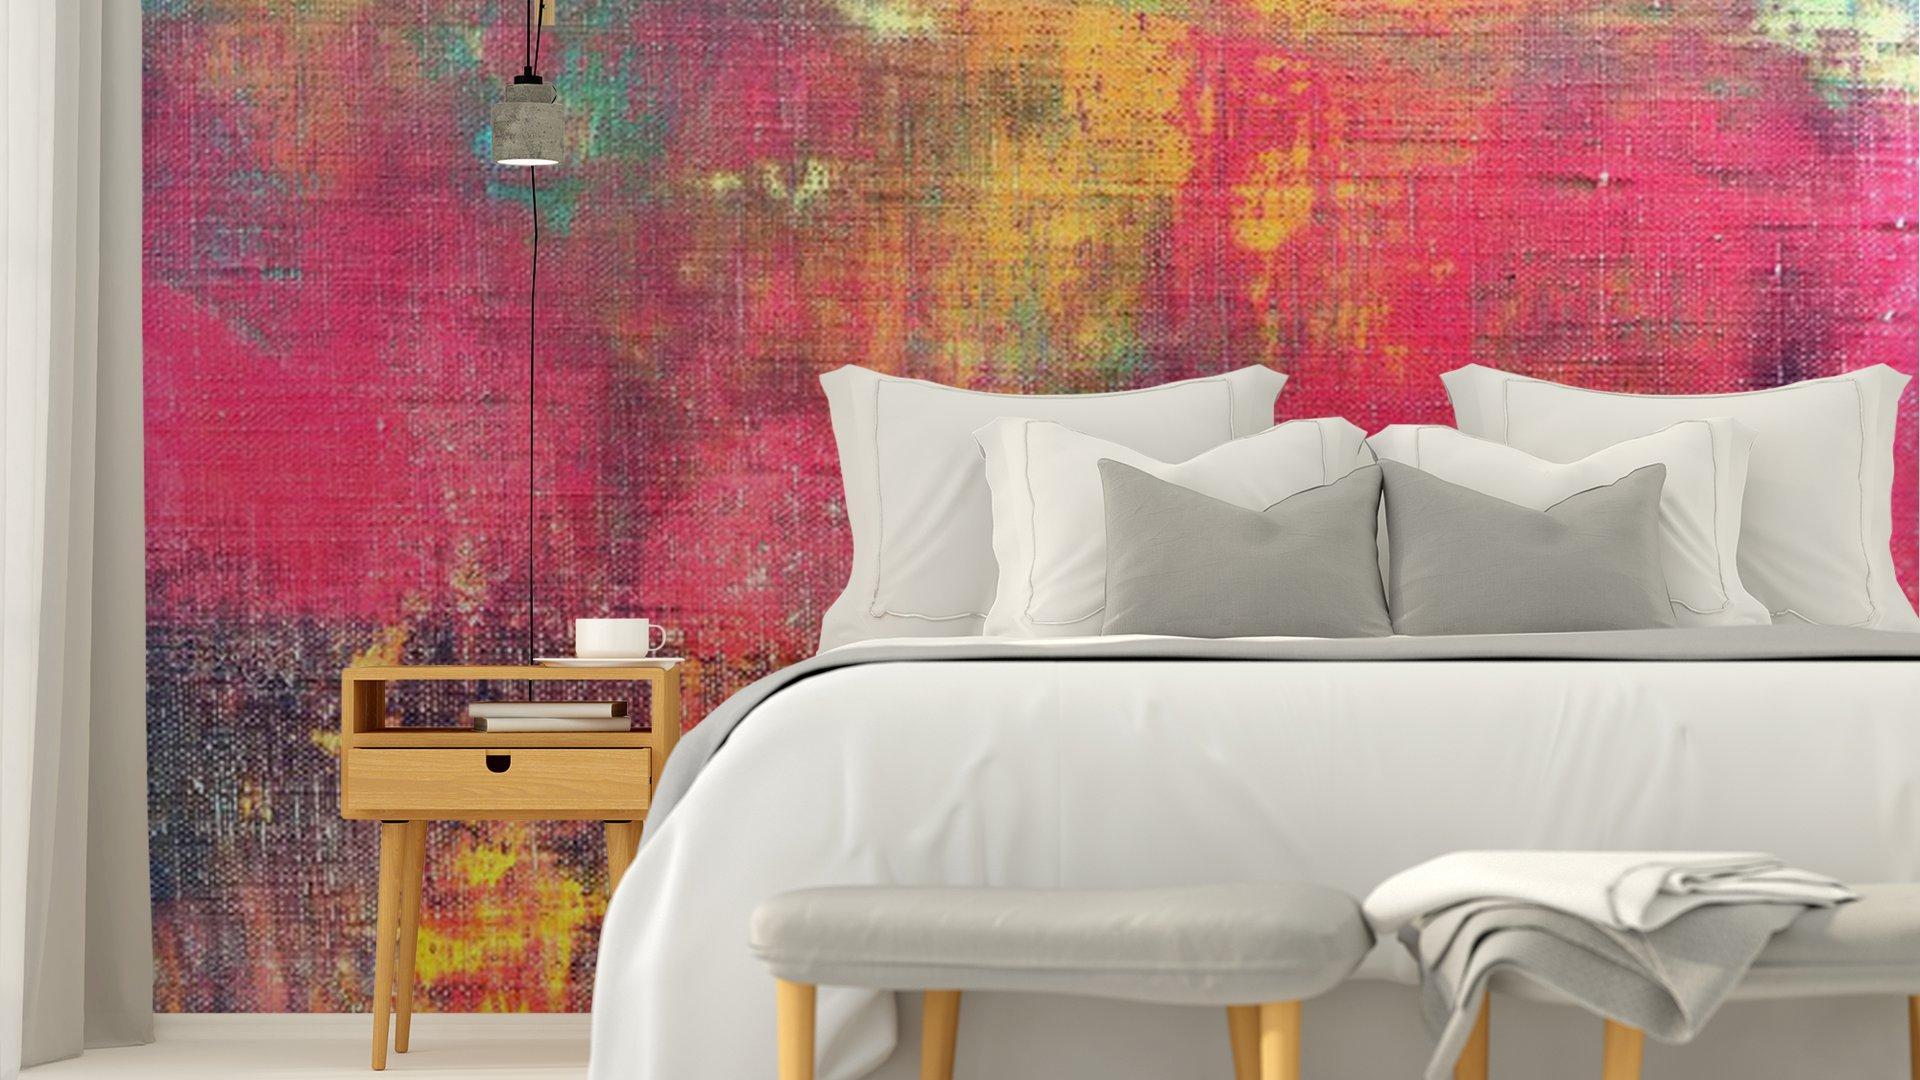 MANO ABSTRACTO COLORIDO LIENZO PINTADO TEXTURA DE FONDO5 - Fotomural Tapiz Abstracto Colorido 01